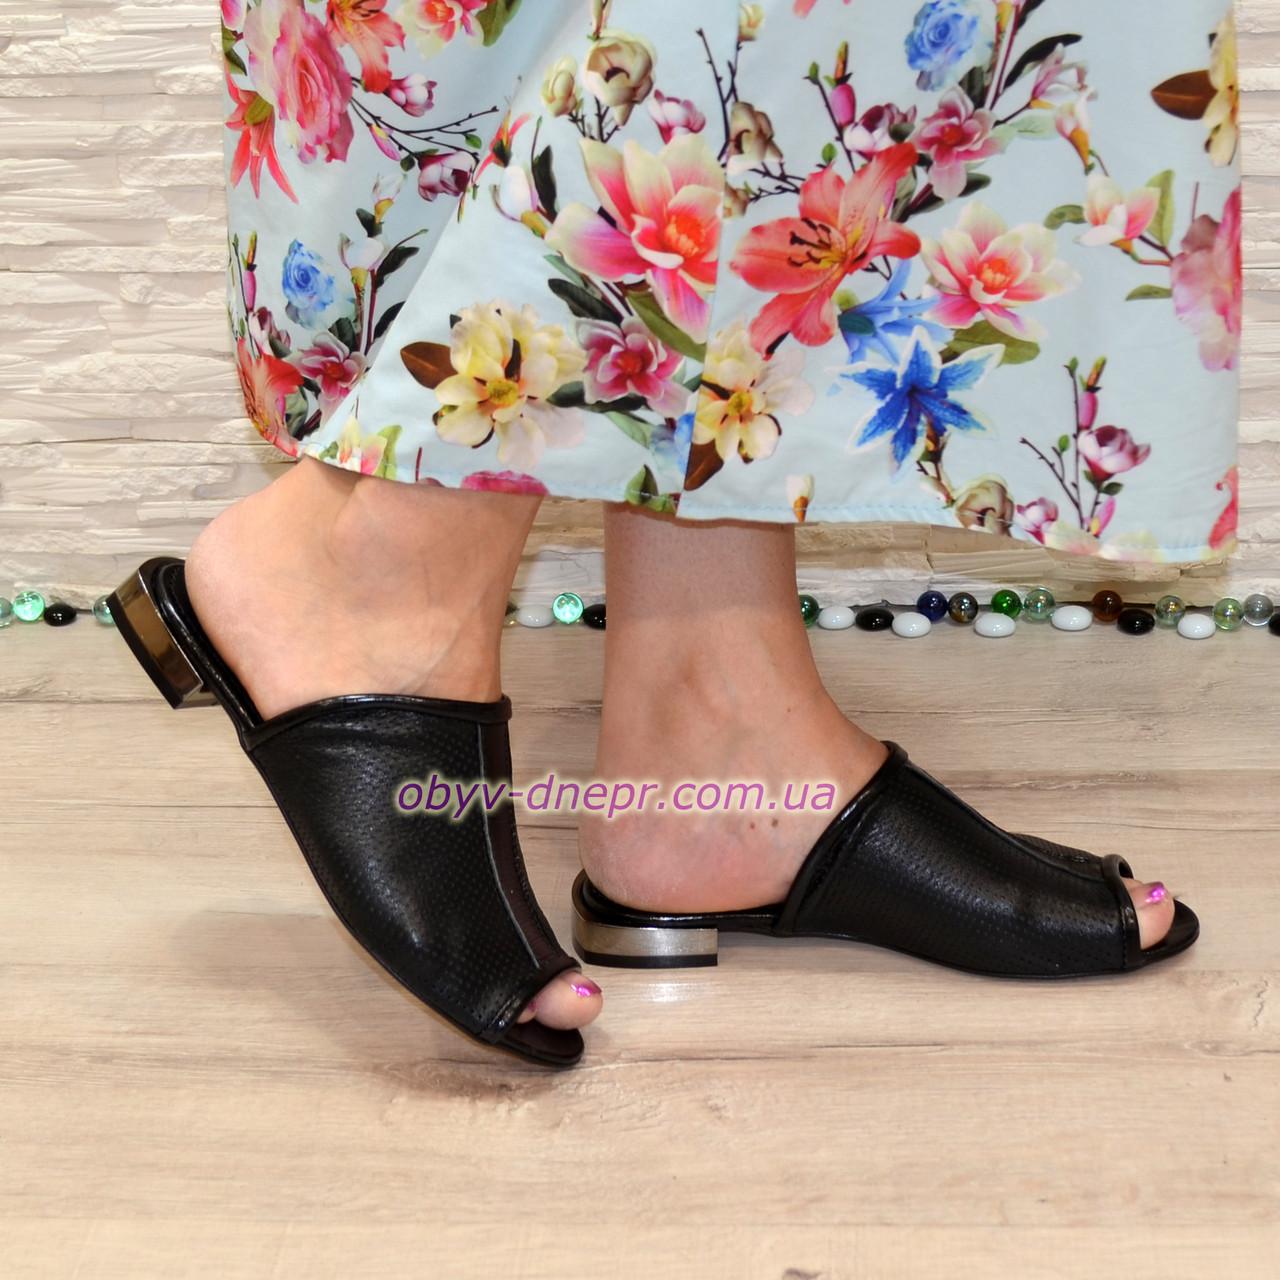 Шлепанцы женские комбинированные на маленьком каблуке